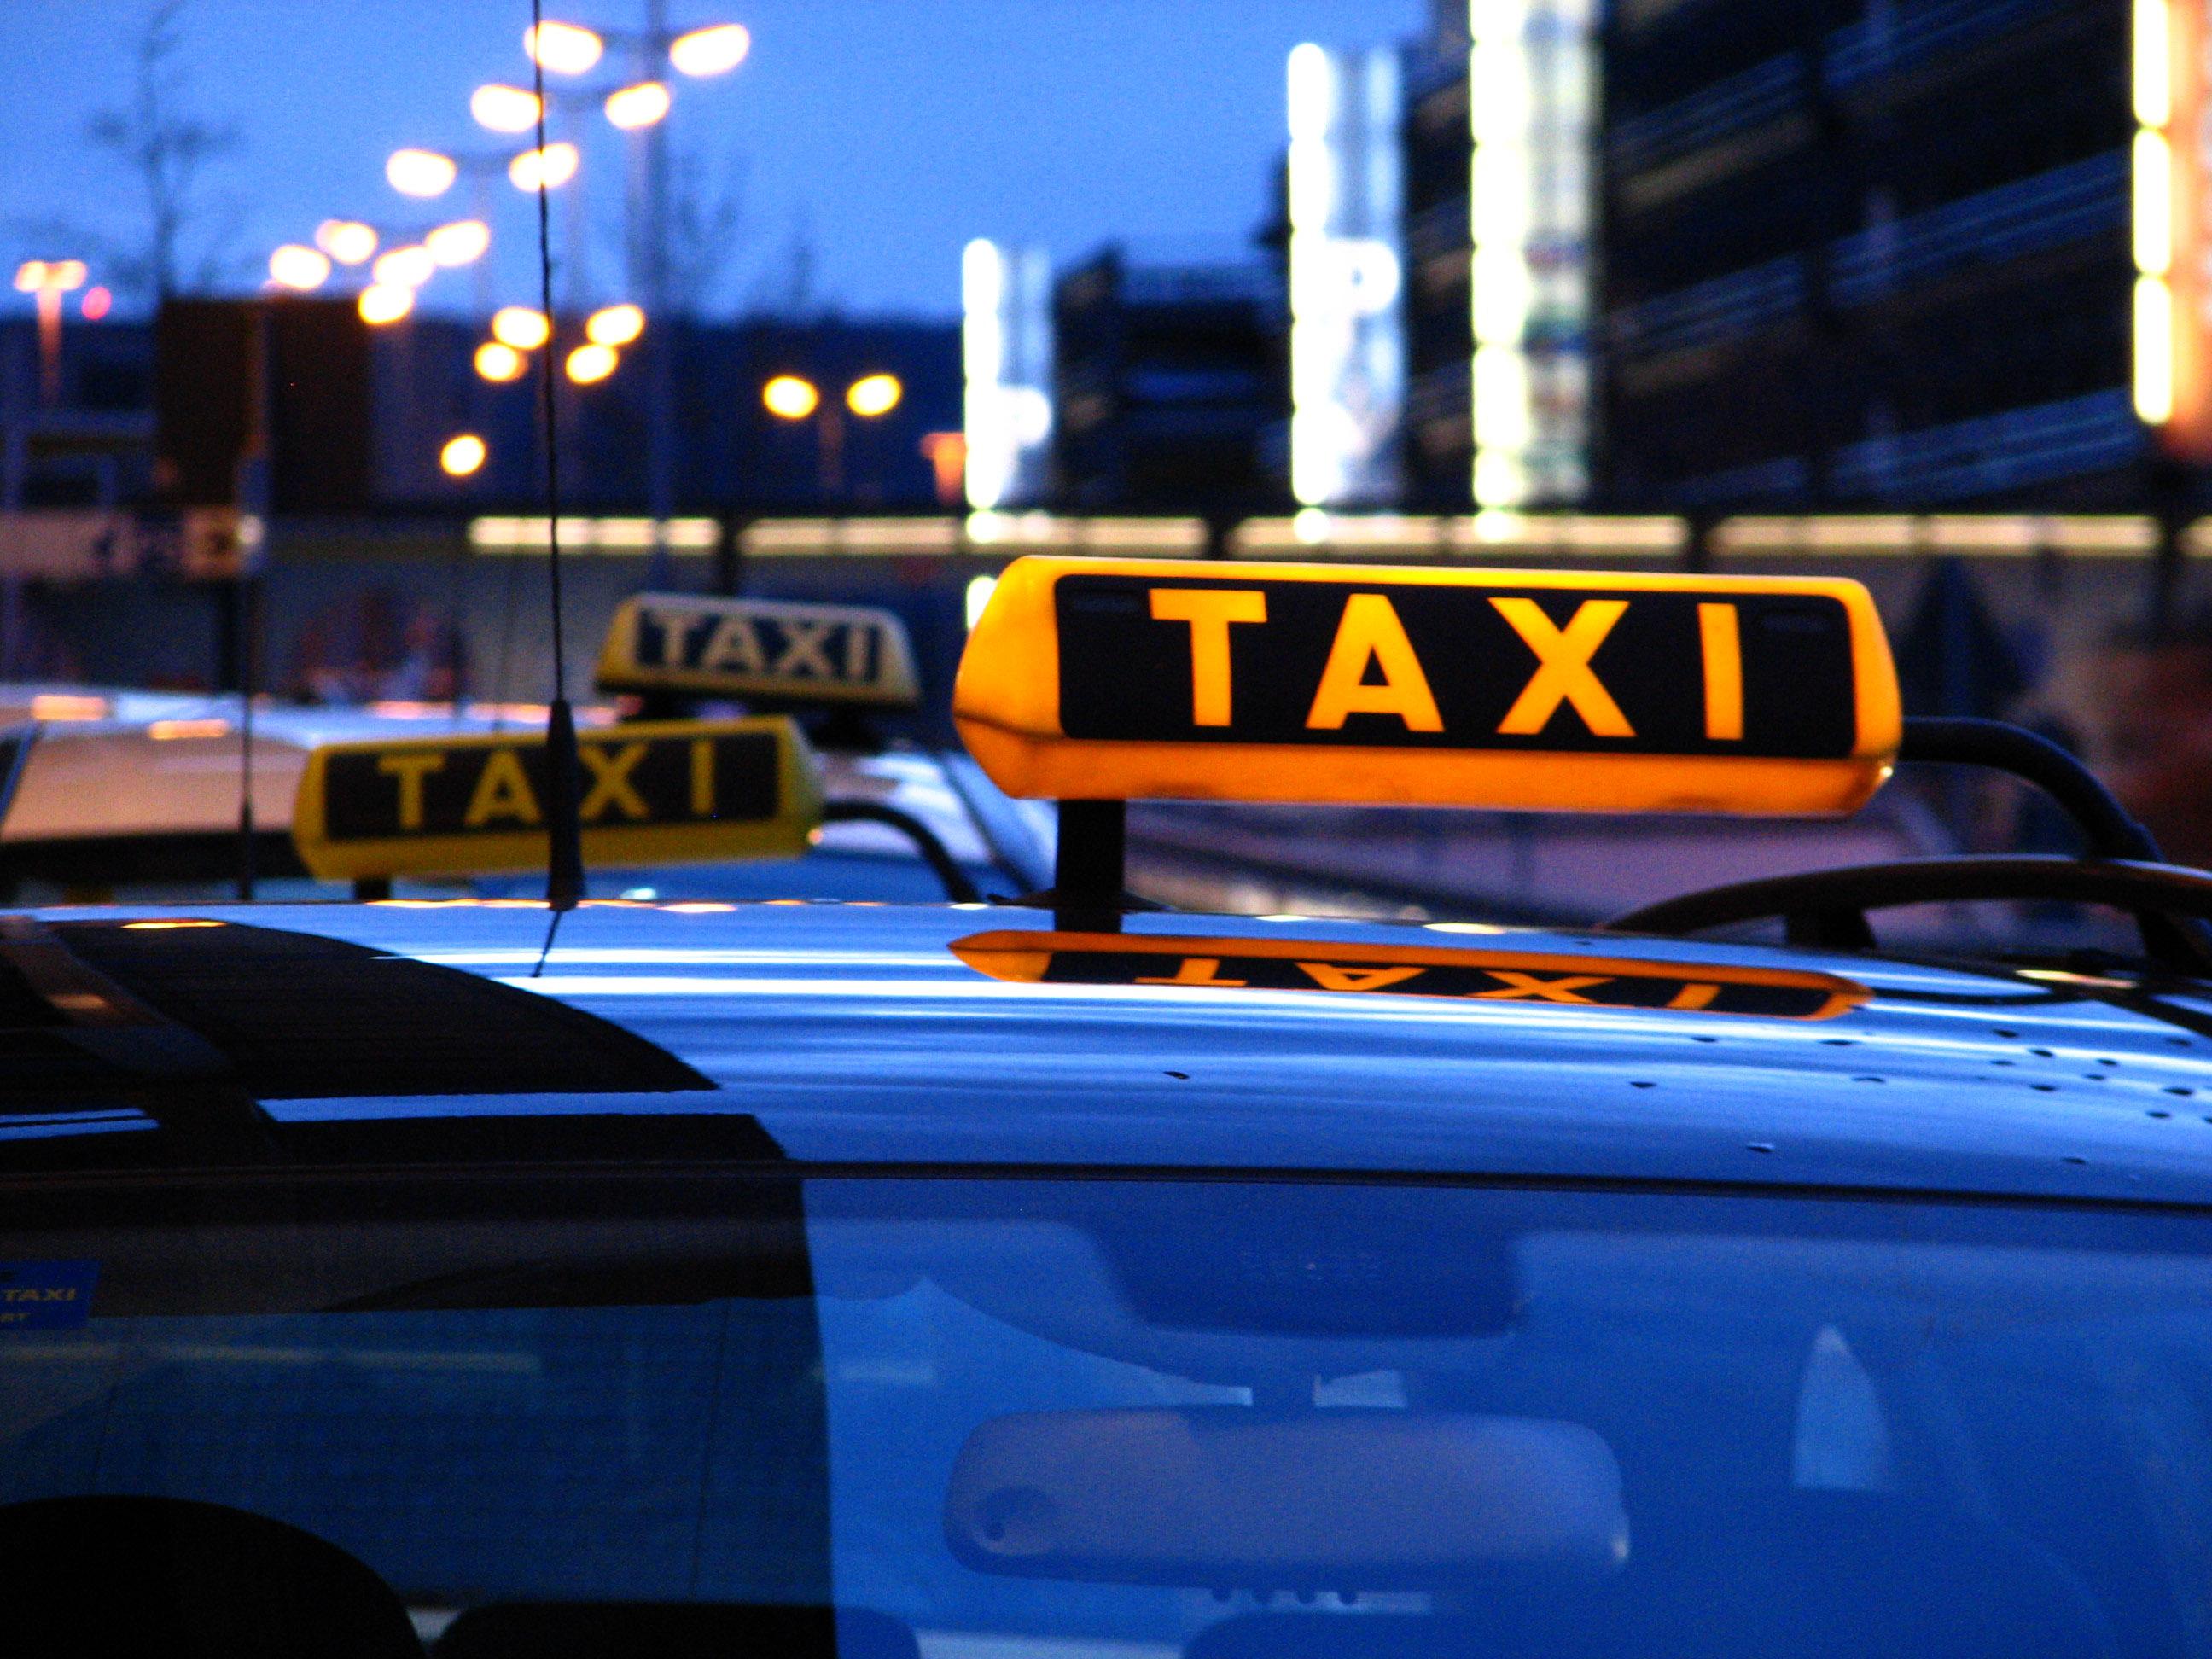 Taxifahrten werden künftig erheblich teurer. Wer ein Taxi bucht, muss zur Festlegung des Mindestlohns beisteuern.  Foto: © RainerSturm /pixelio.de